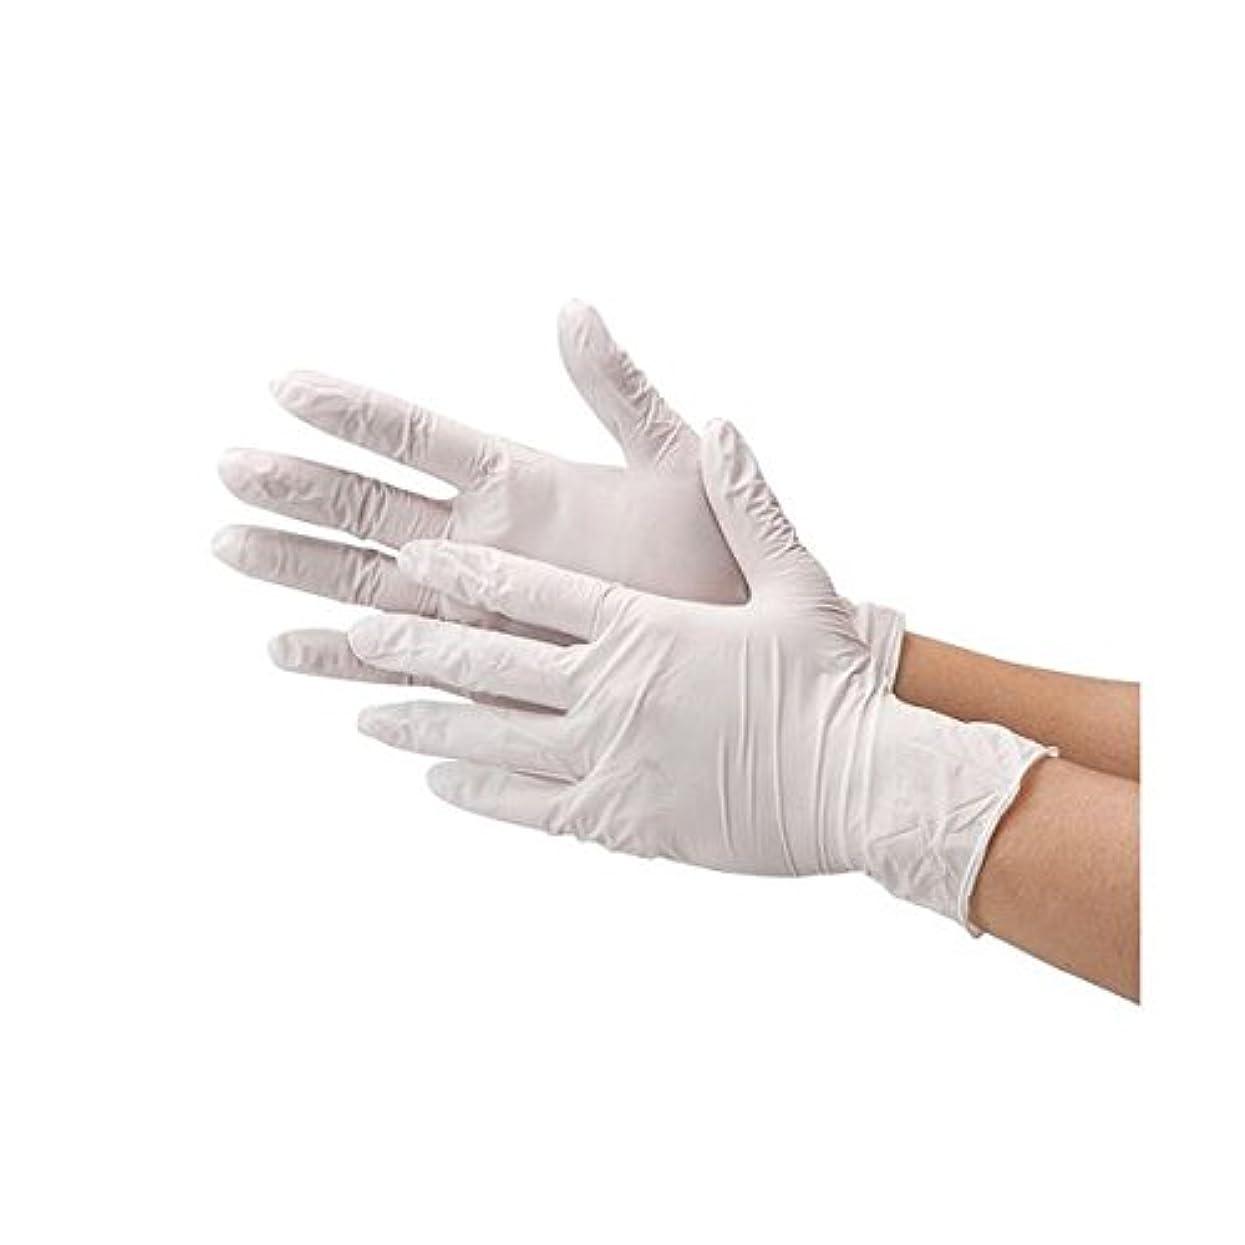 実質的うそつき会話型川西工業 ニトリル極薄手袋 粉なしホワイトM ダイエット 健康 衛生用品 その他の衛生用品 14067381 [並行輸入品]